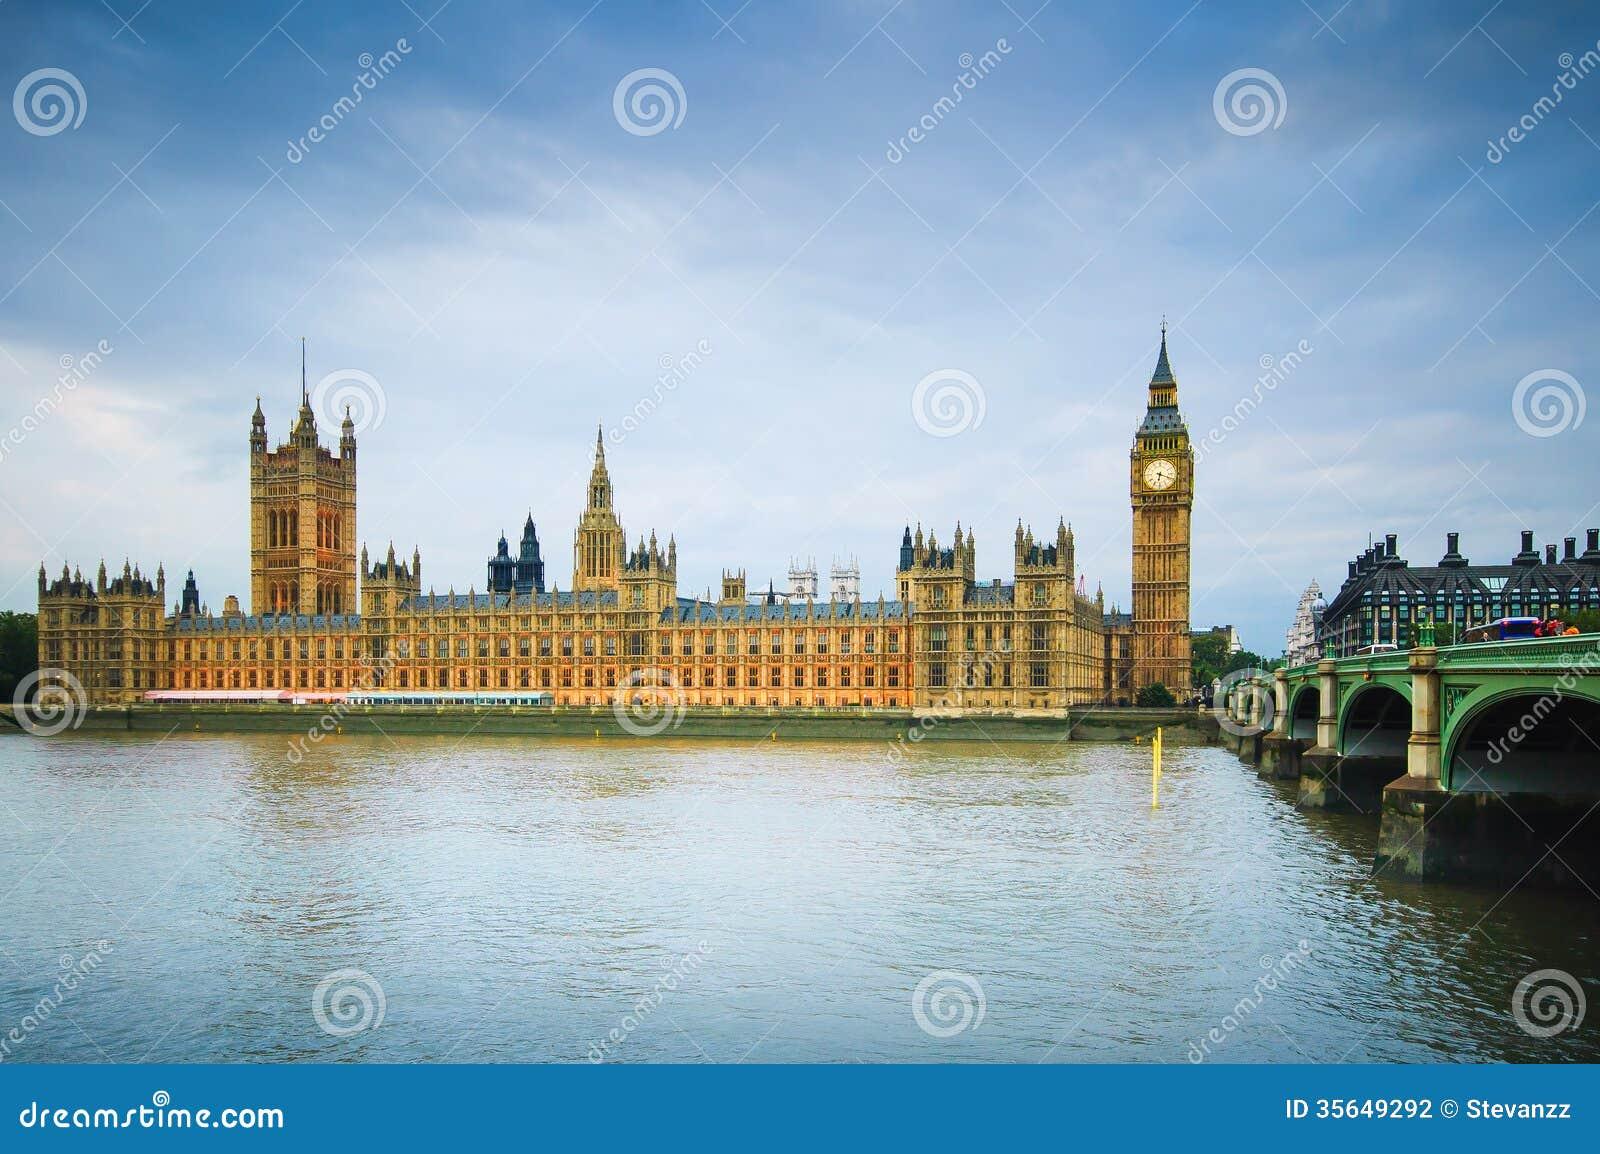 Big Ben Houses Of Parliament Thames River And Bridge